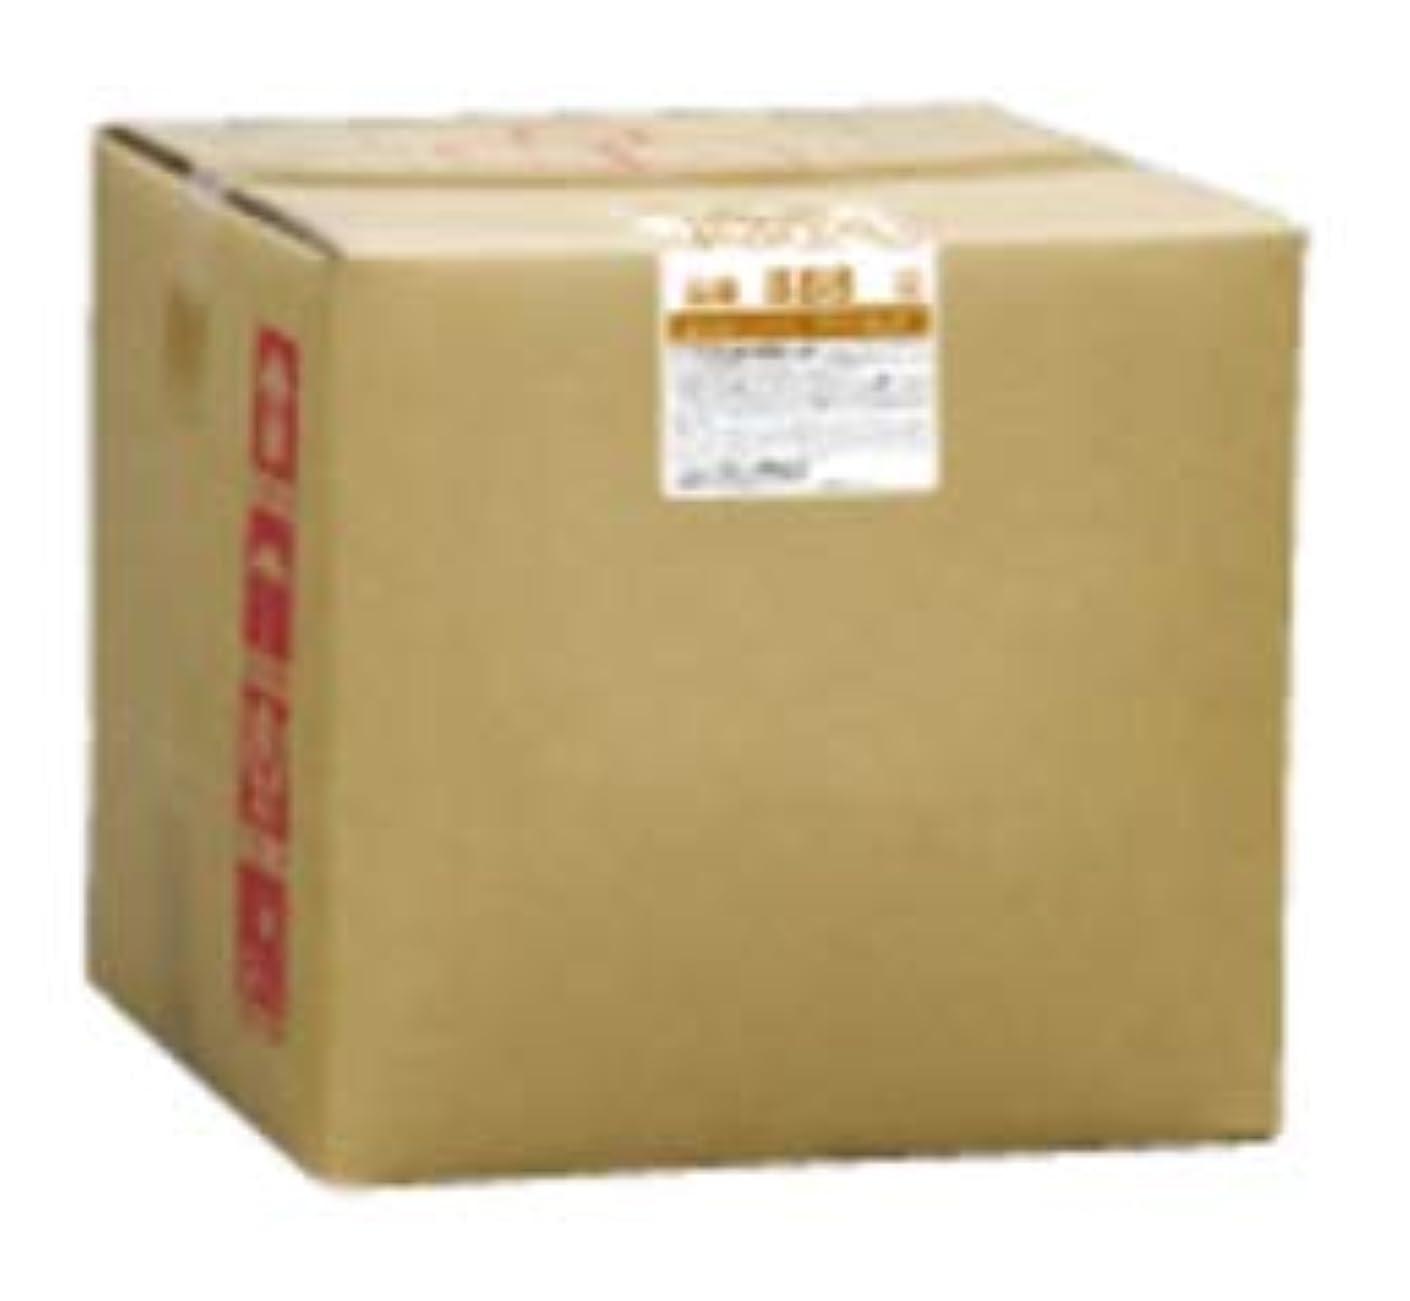 焦がす涙が出る会議フタバ化学 ラコンサ RakhOansat コンディショナー 18L 詰め替え 480ml専用空容器付